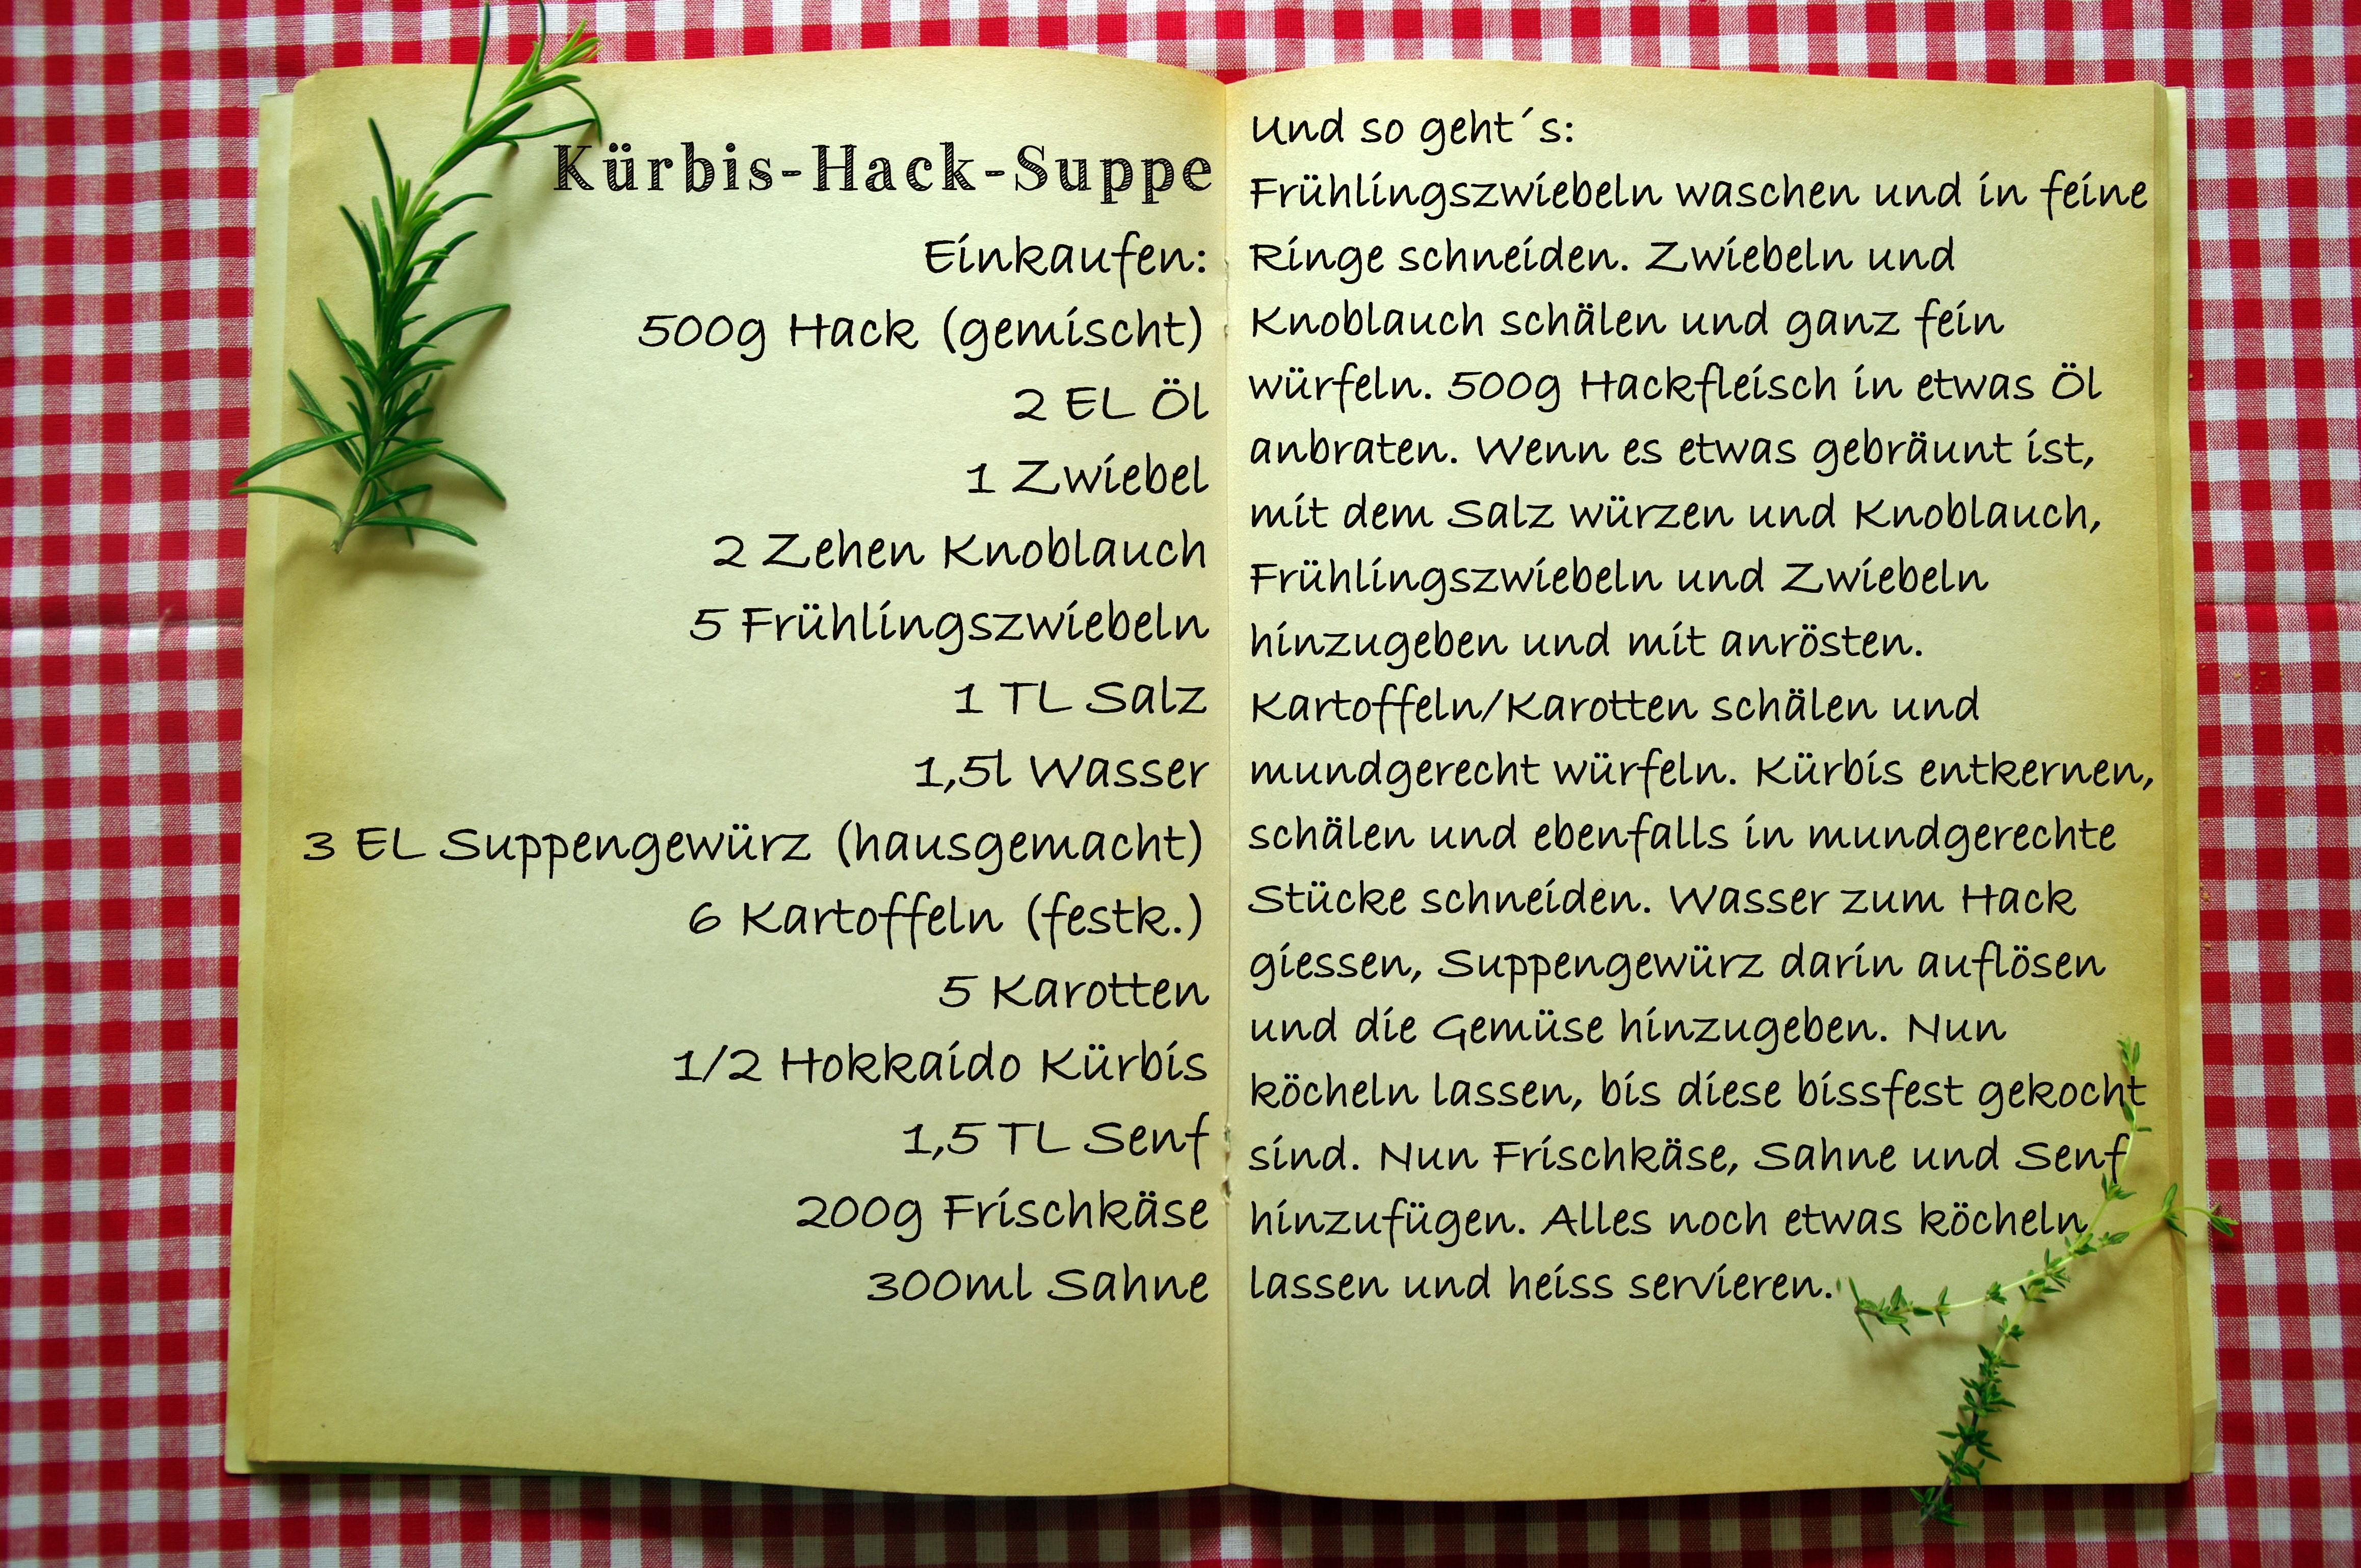 Einkaufszettel Kürbis Hack Suppe by Glasgeflüster1